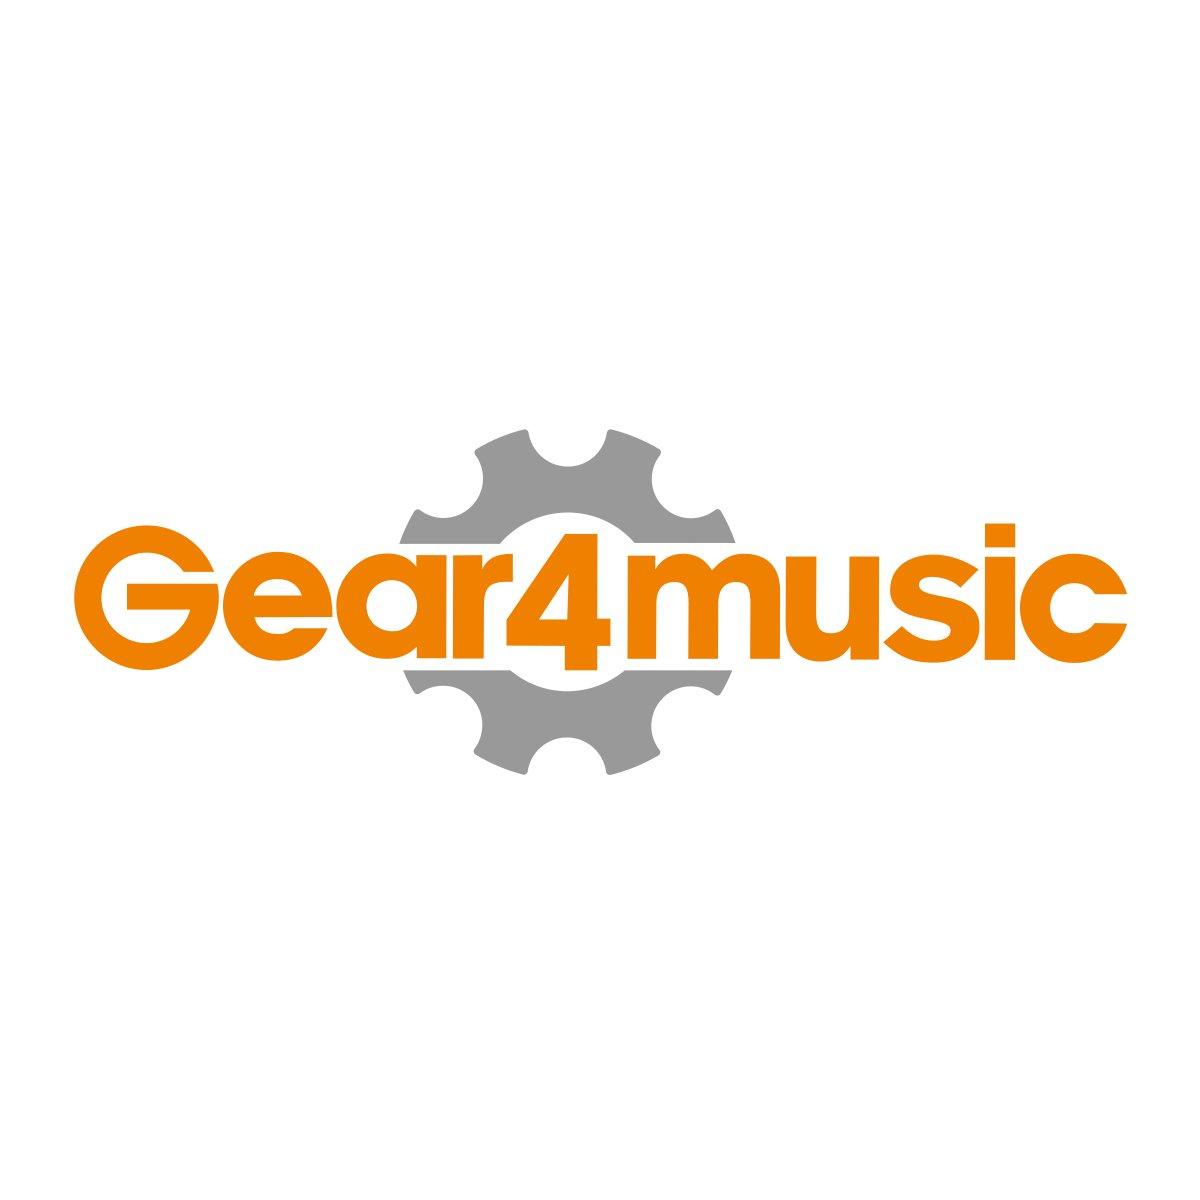 3/4 tamanho Electro acústica viagens Pacote de Guitarra  Gear4music, preto